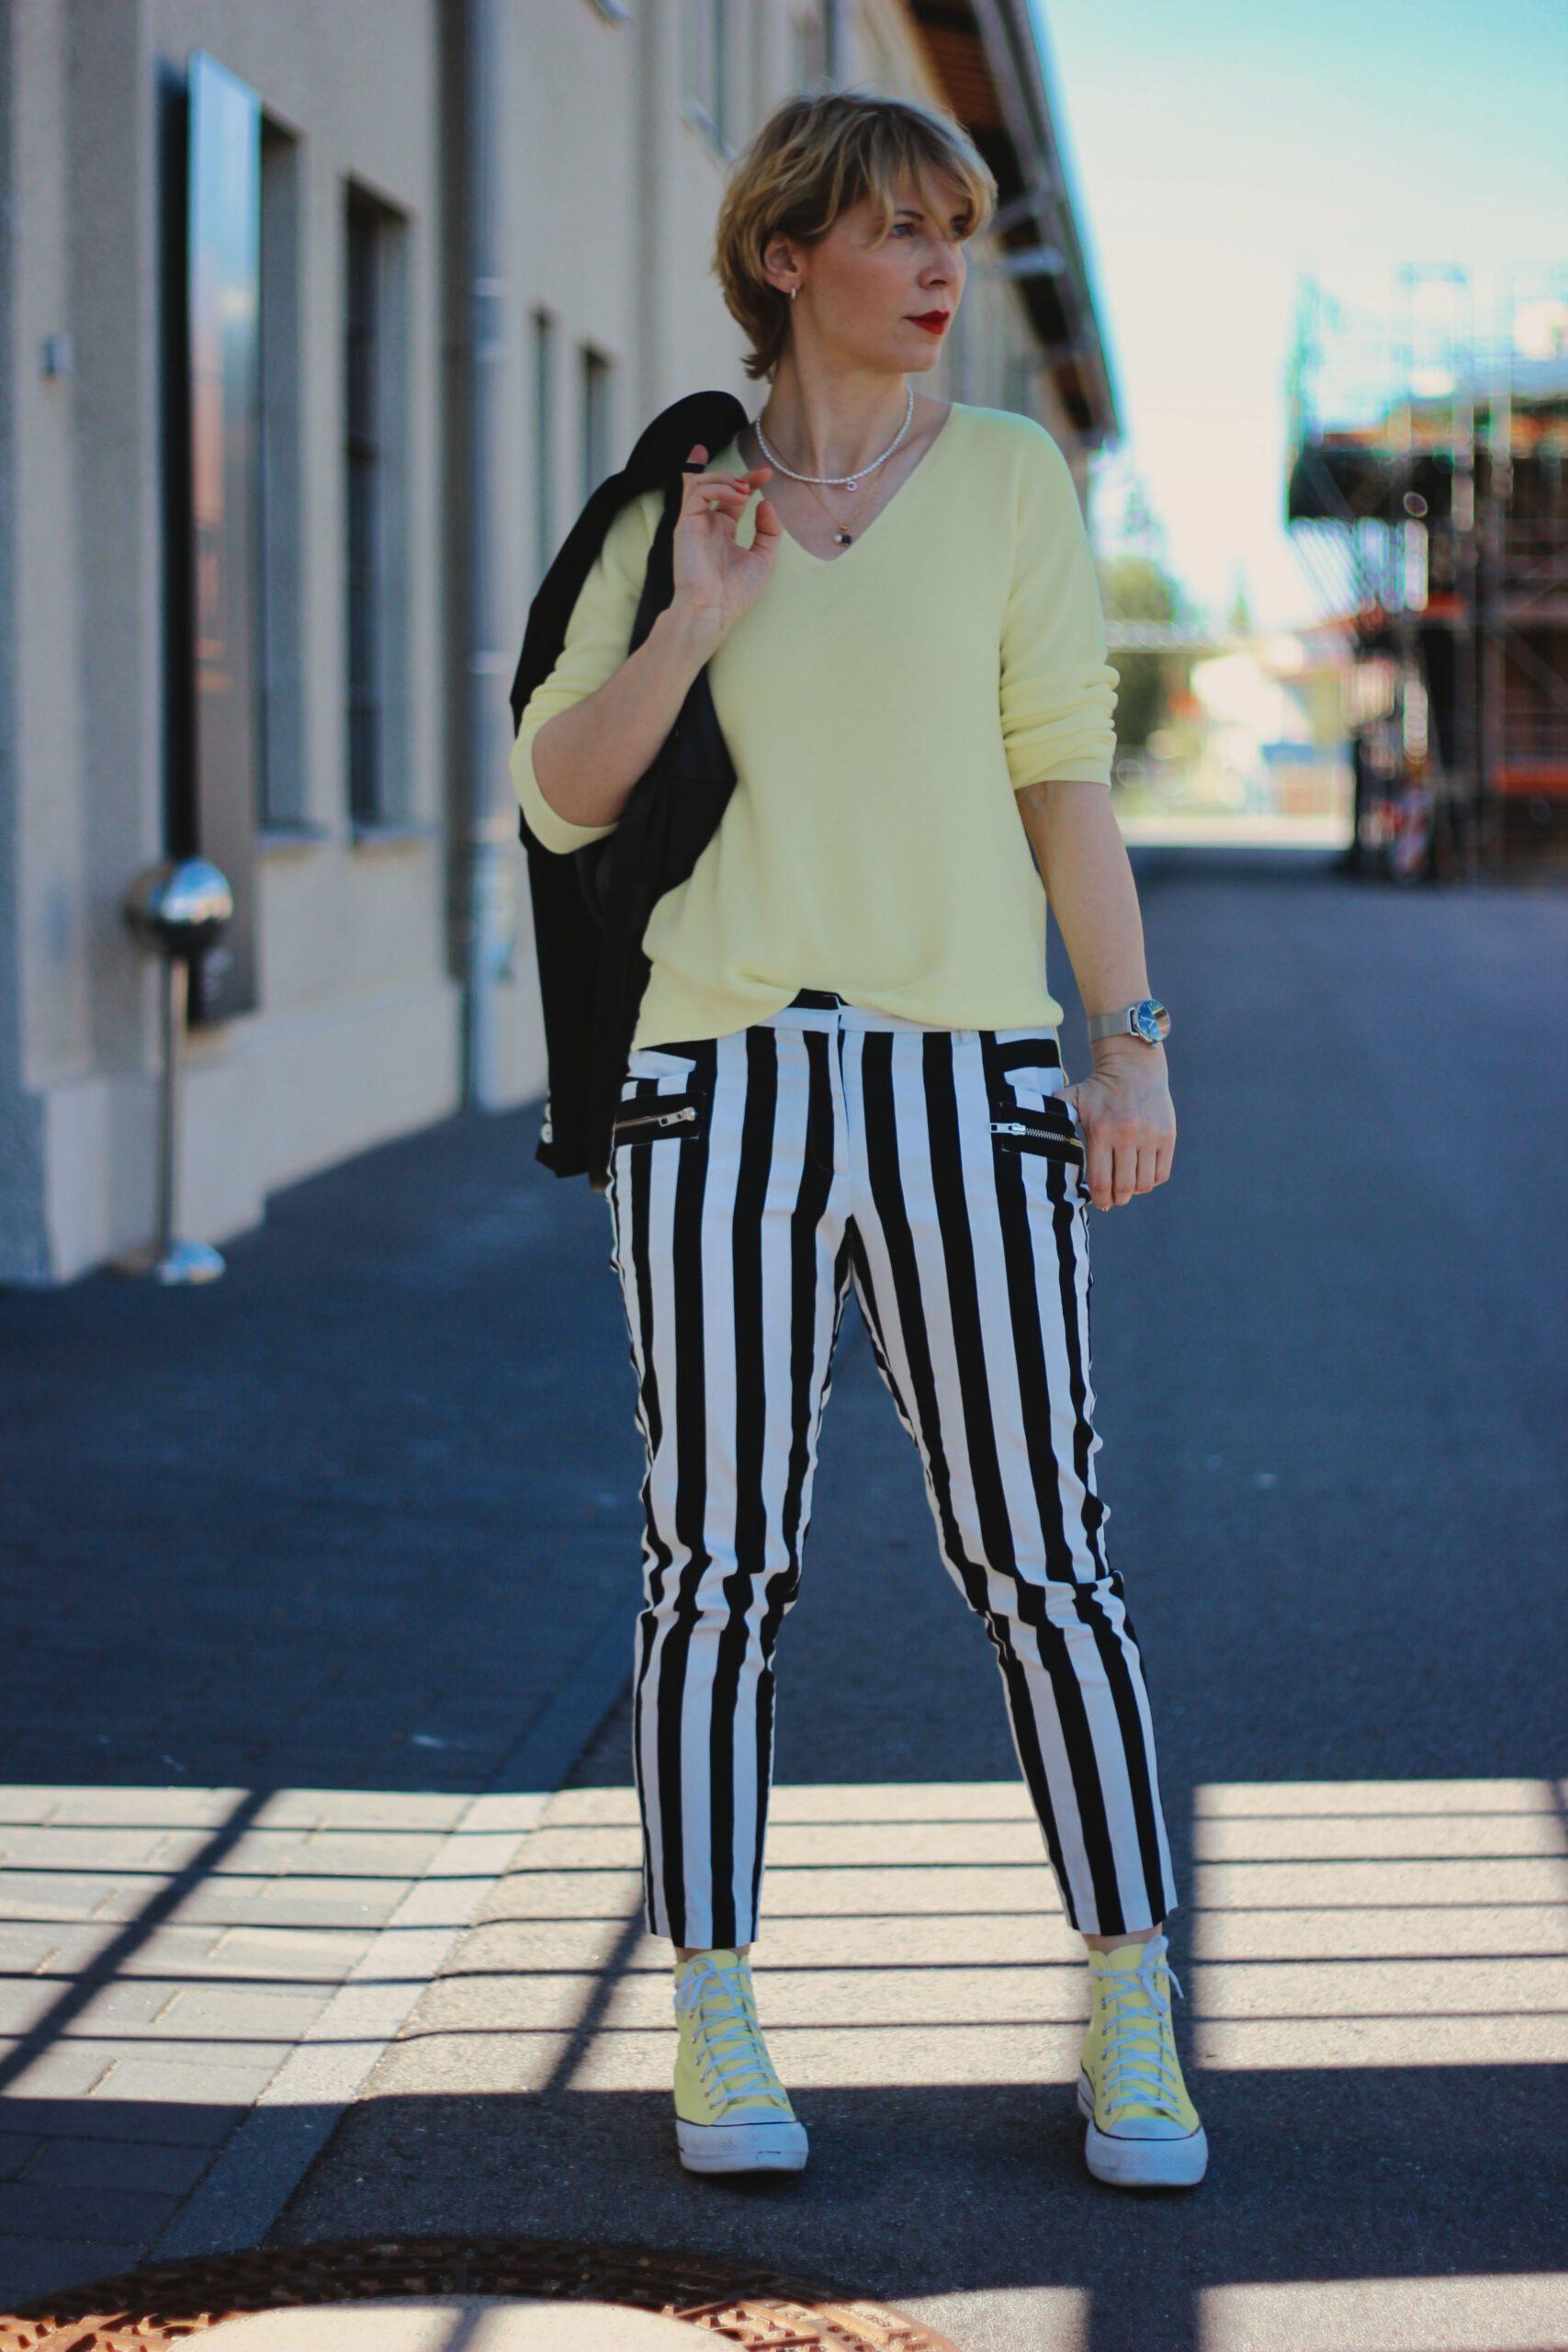 conny doll lifestyle: schwarze-weiß, Streifen, gelber Pullover, Chucks